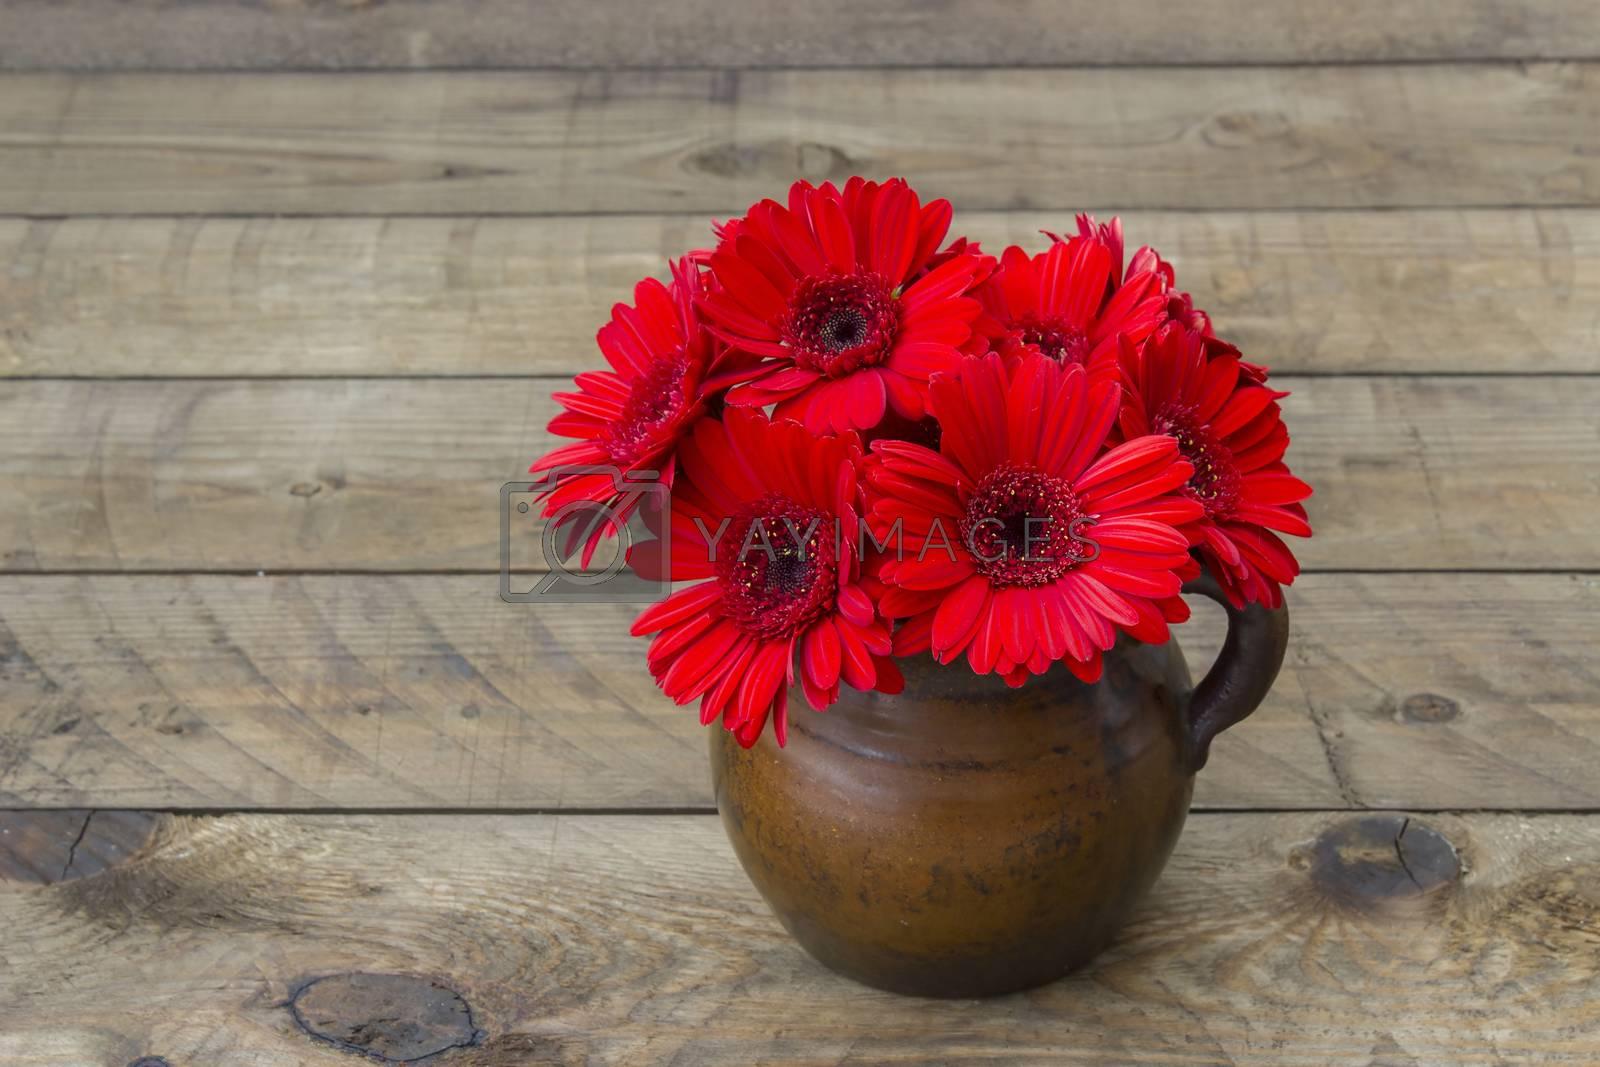 red gerbera flowers in a vase